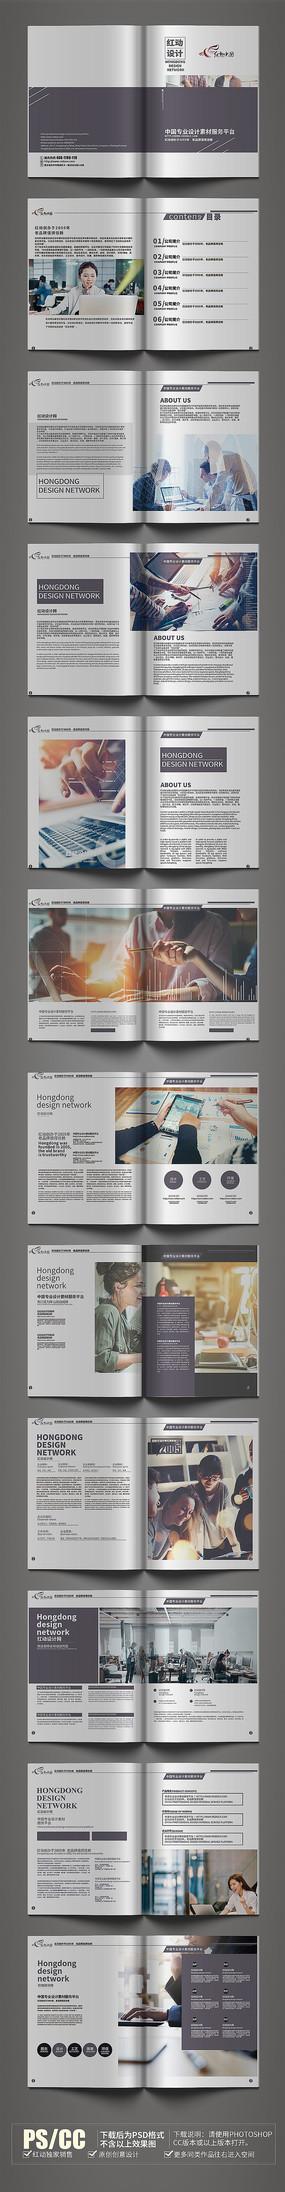 时尚科技公司画册设计模板